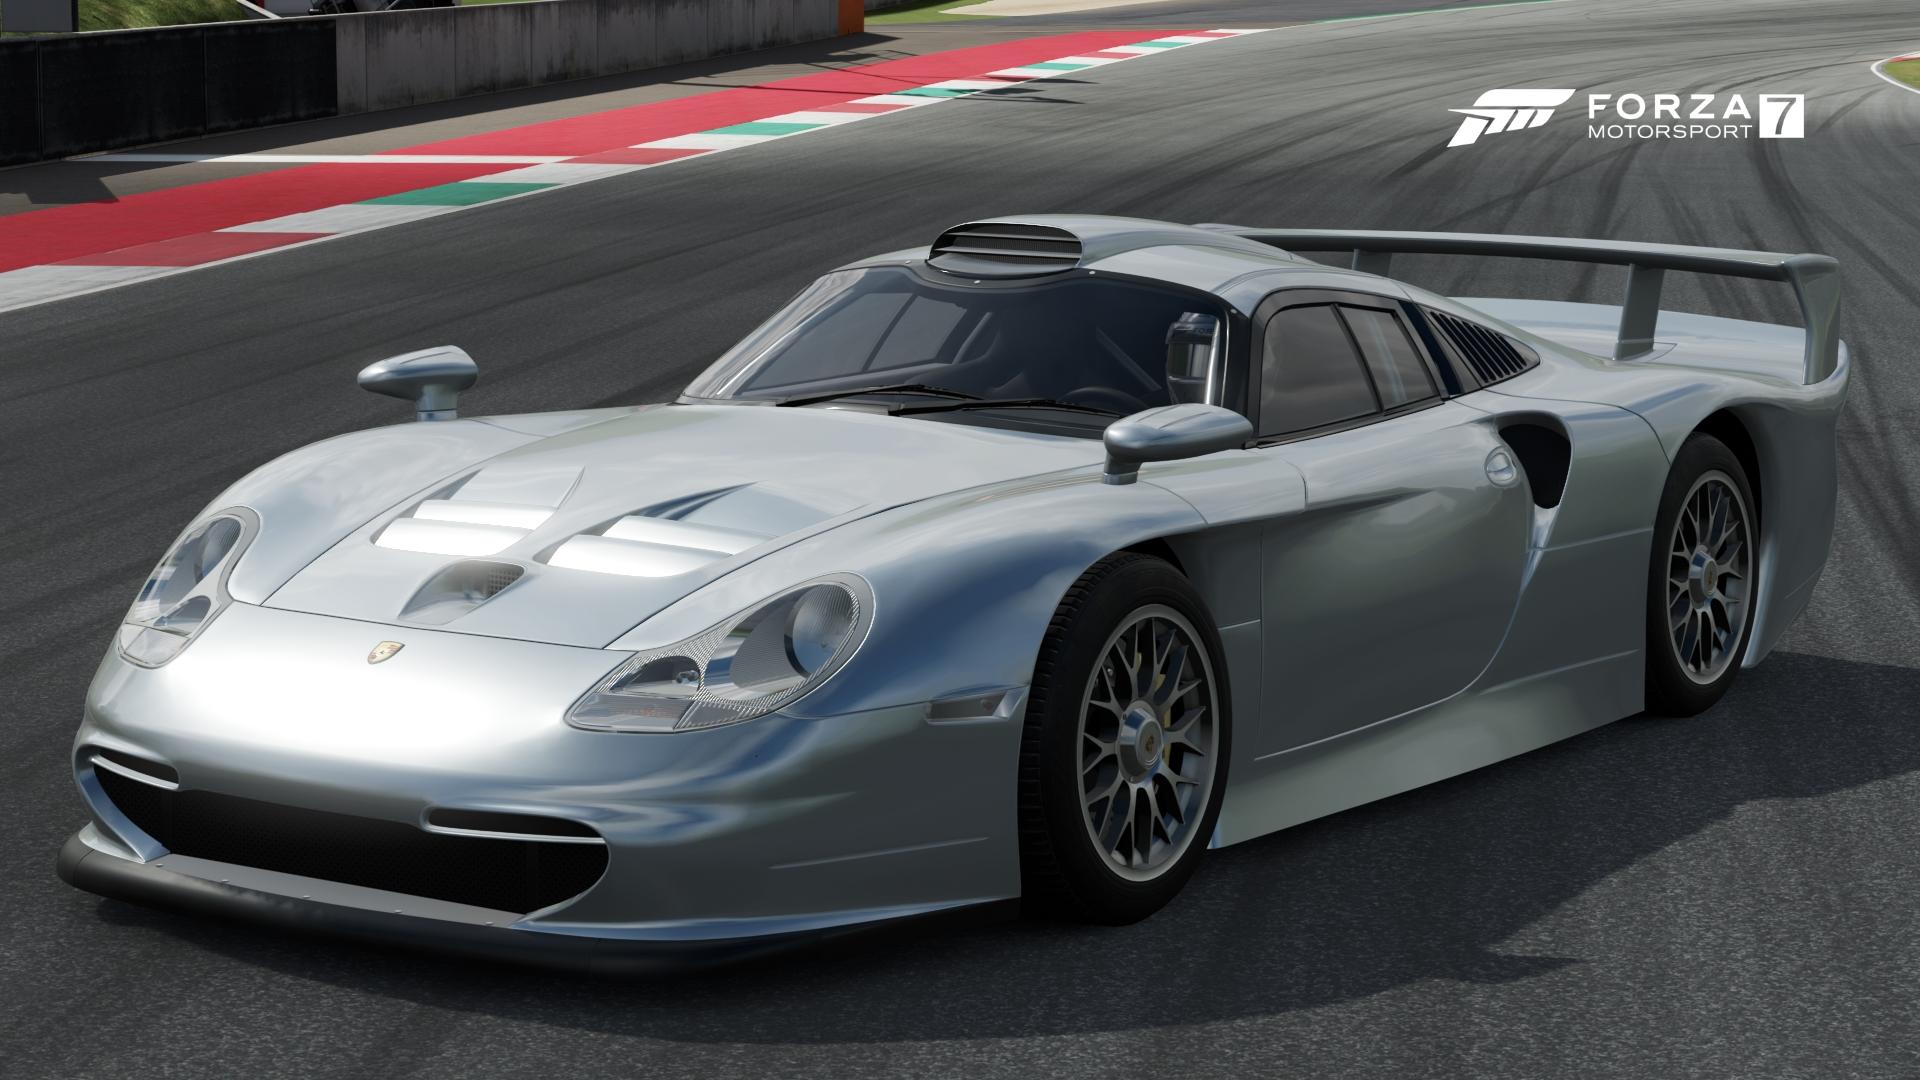 Porsche 911 GT1 Strassenversion | Forza Motorsport Wiki | FANDOM ...